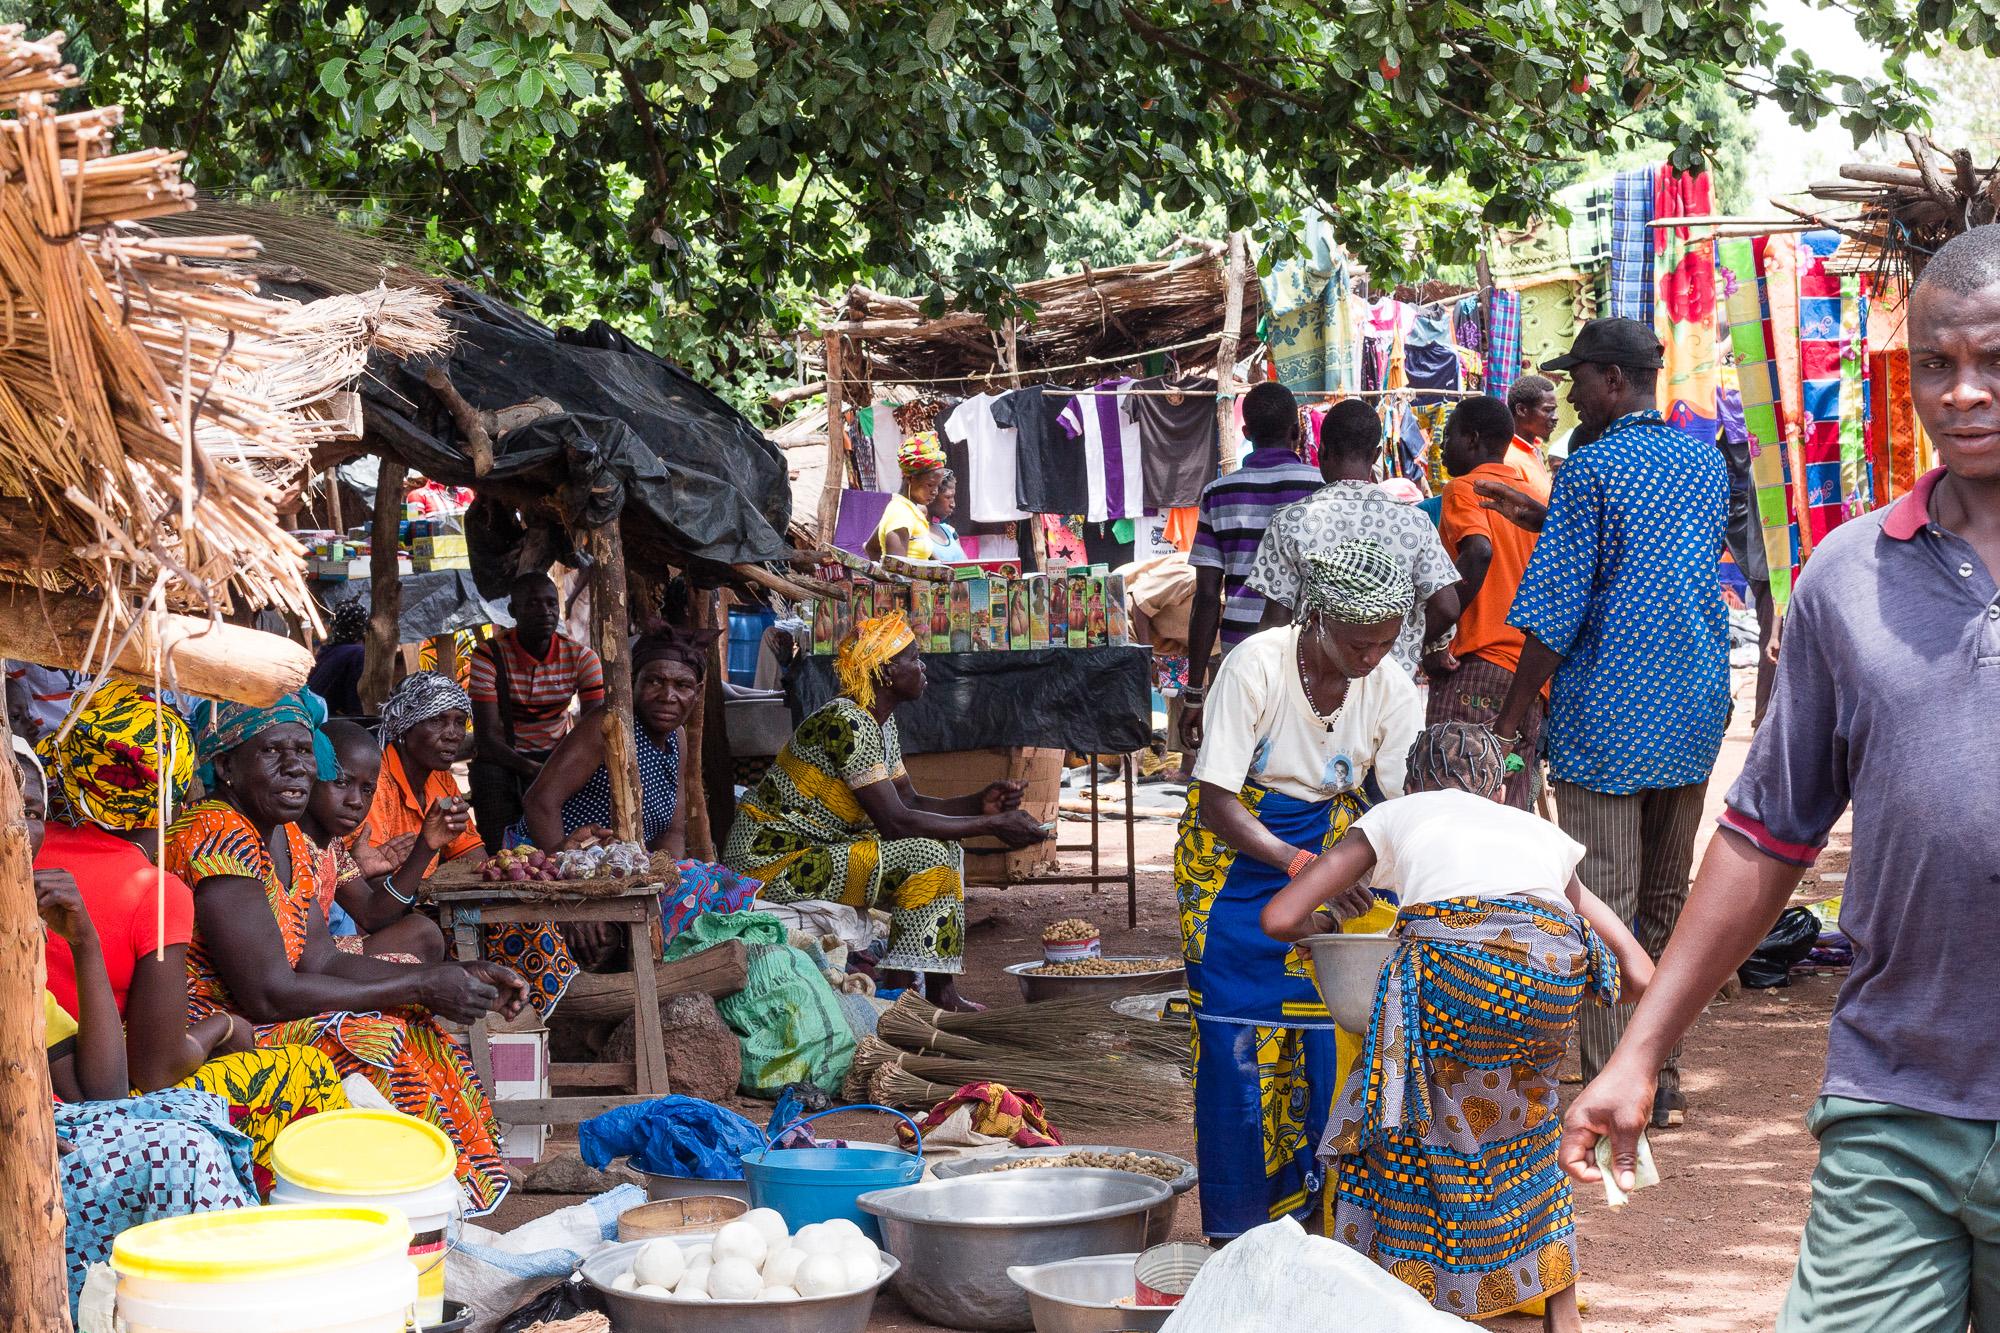 Femmes en wax attendant la vente au marché de Doudou, pays Lobi, Burkina Faso